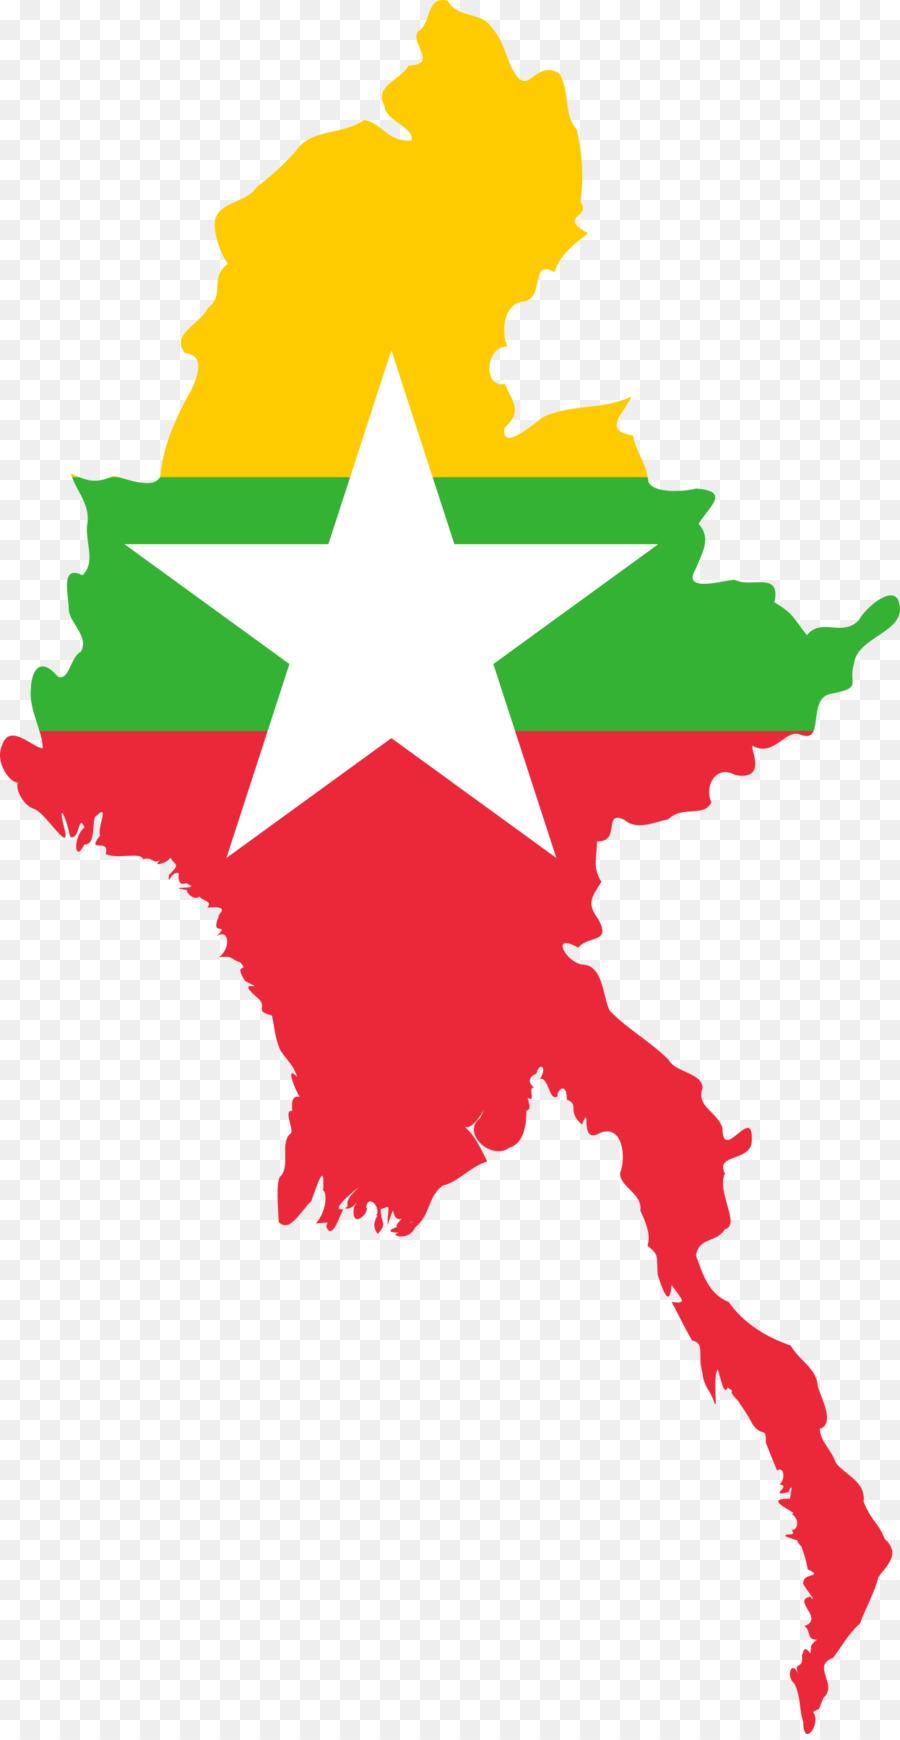 Birmania Bandera de Myanmar Mapa de la Bandera de los Estados unidos ...